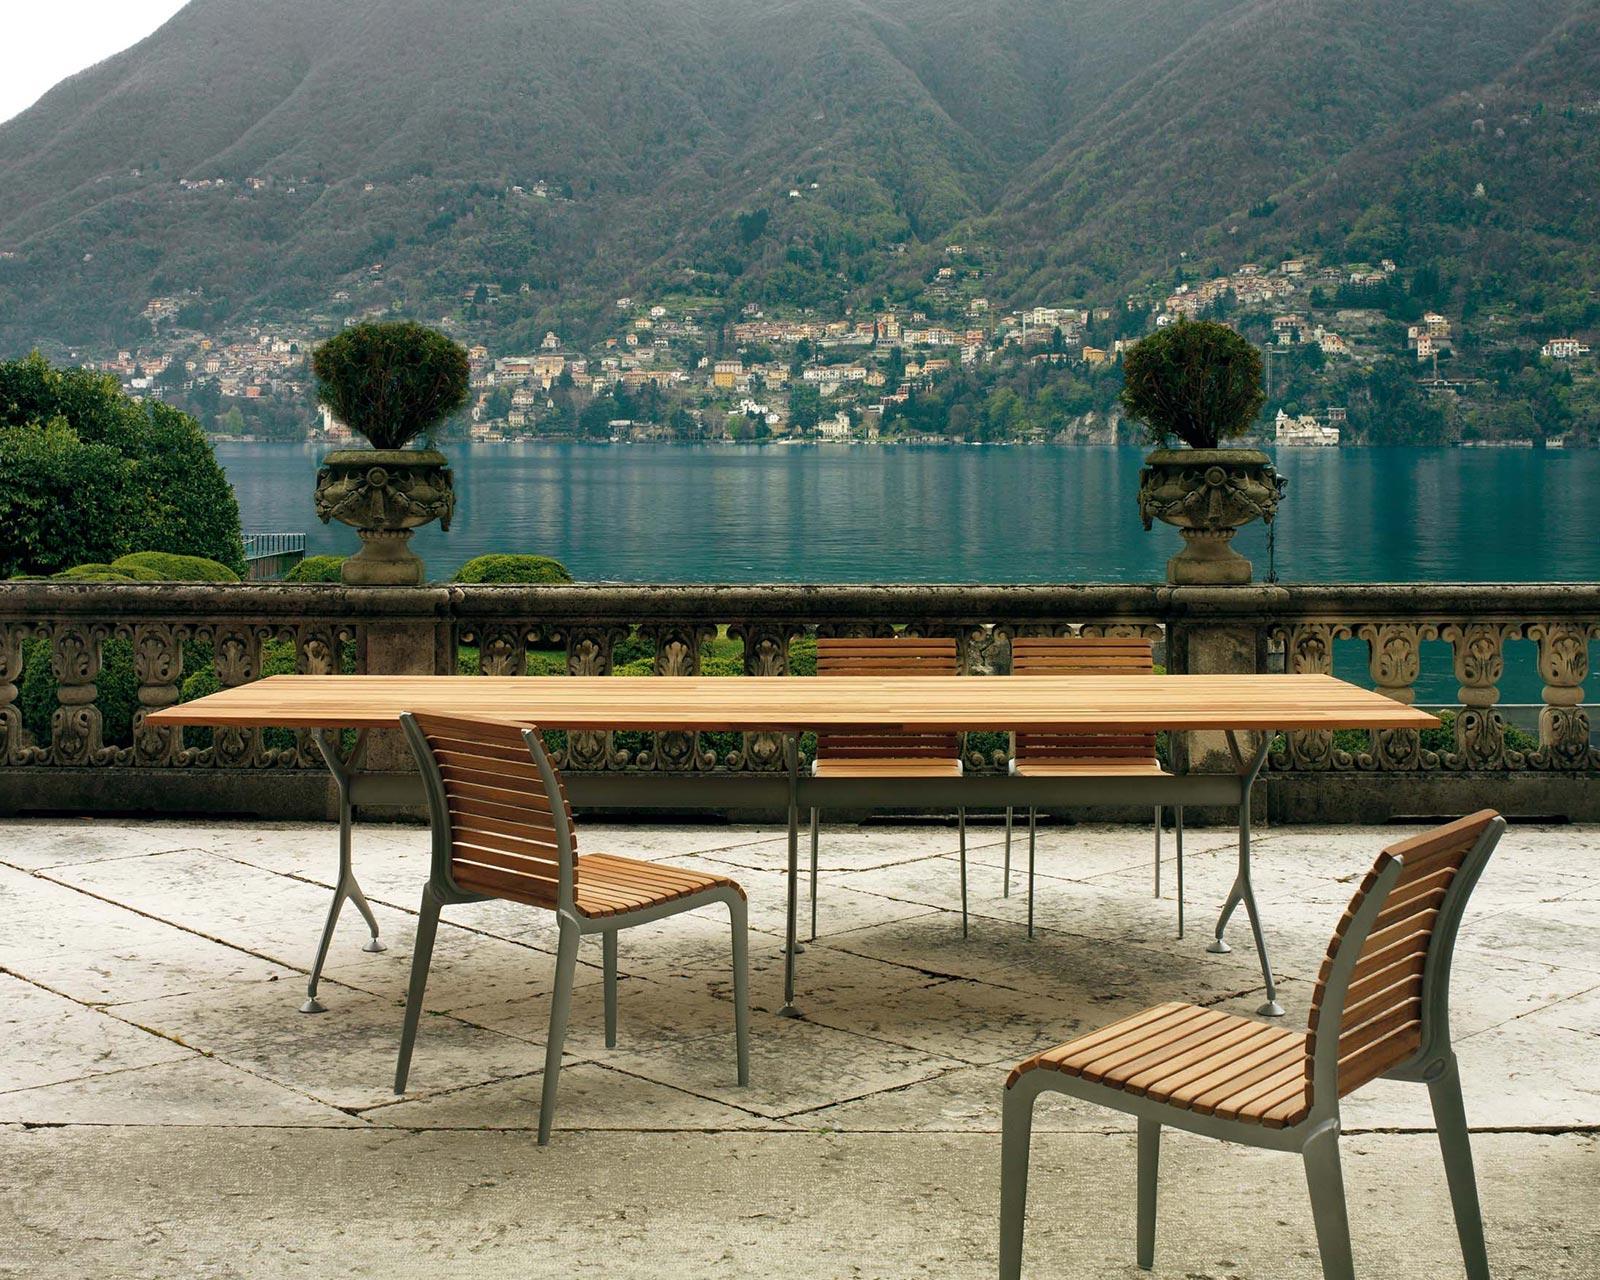 Mobili spazio ambiente sa locarno for Outdoor mobili